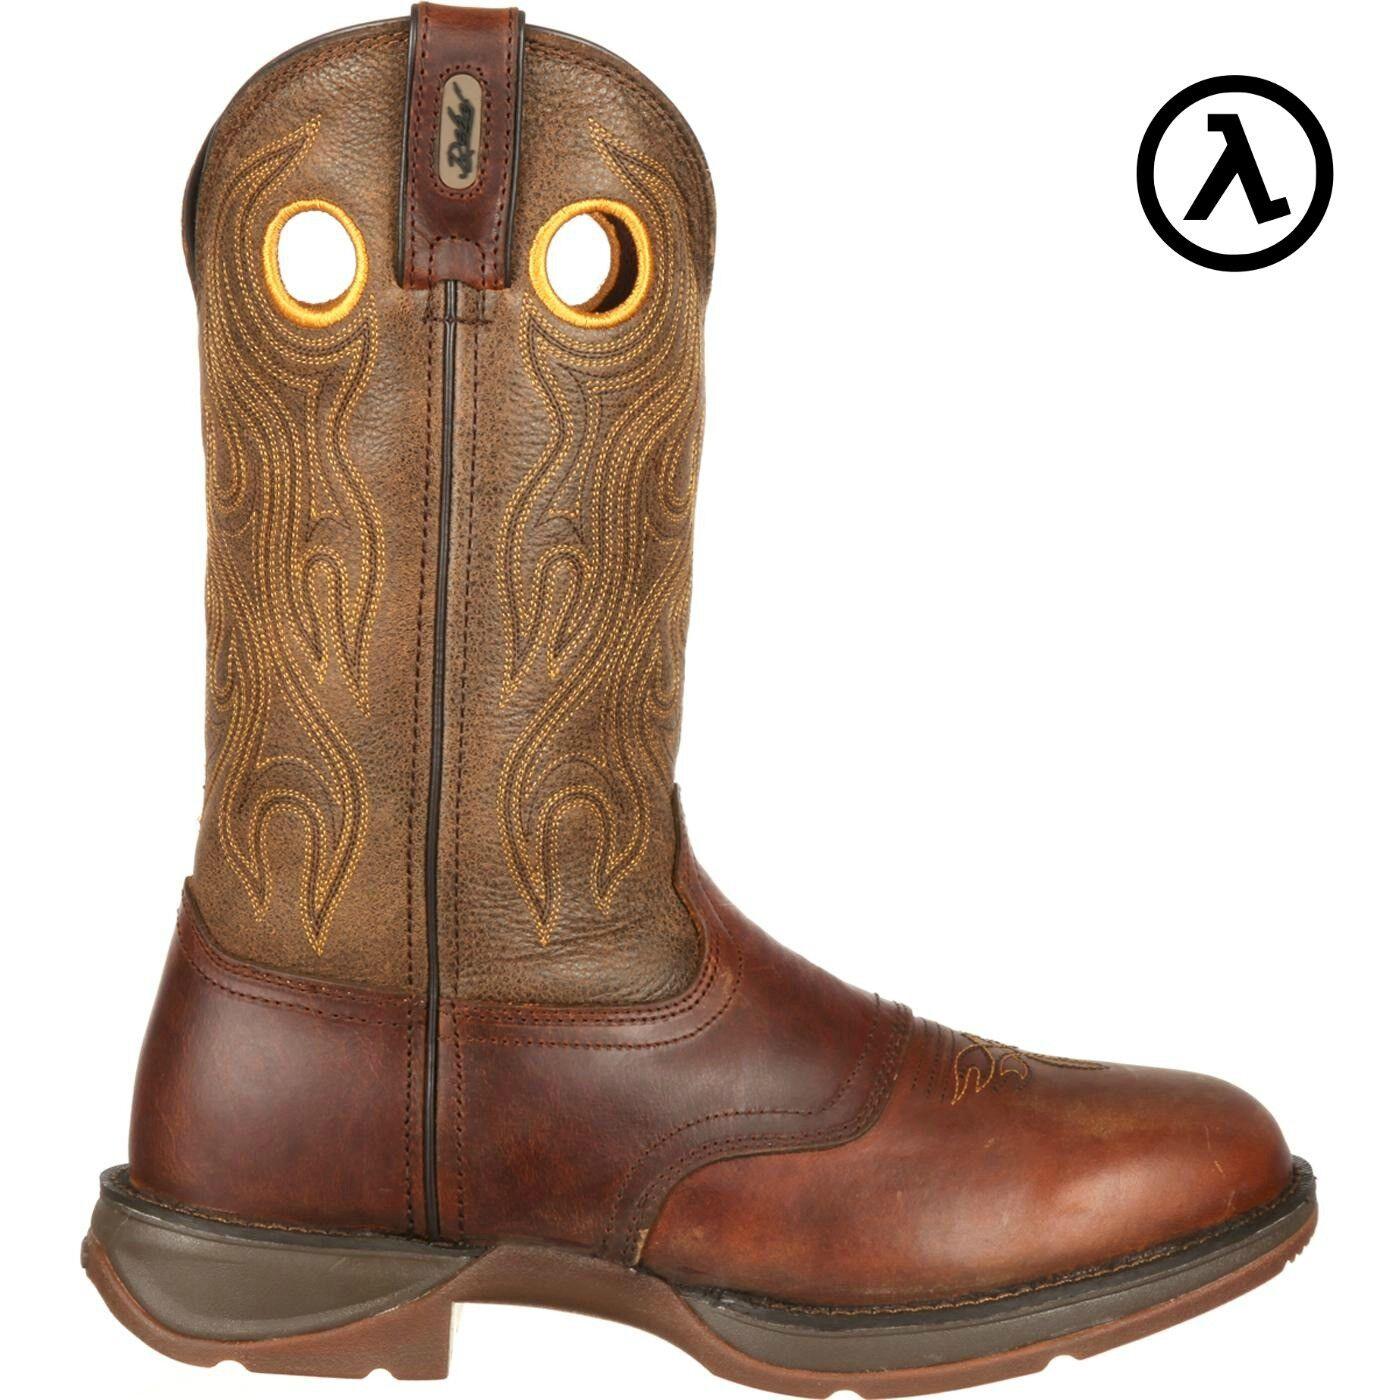 vanno a ruba REBEL BY DURANGO Marrone SADDLE WESTERN stivali stivali stivali DB5468  ALL DimensioneS - NEW  con il 100% di qualità e il 100% di servizio